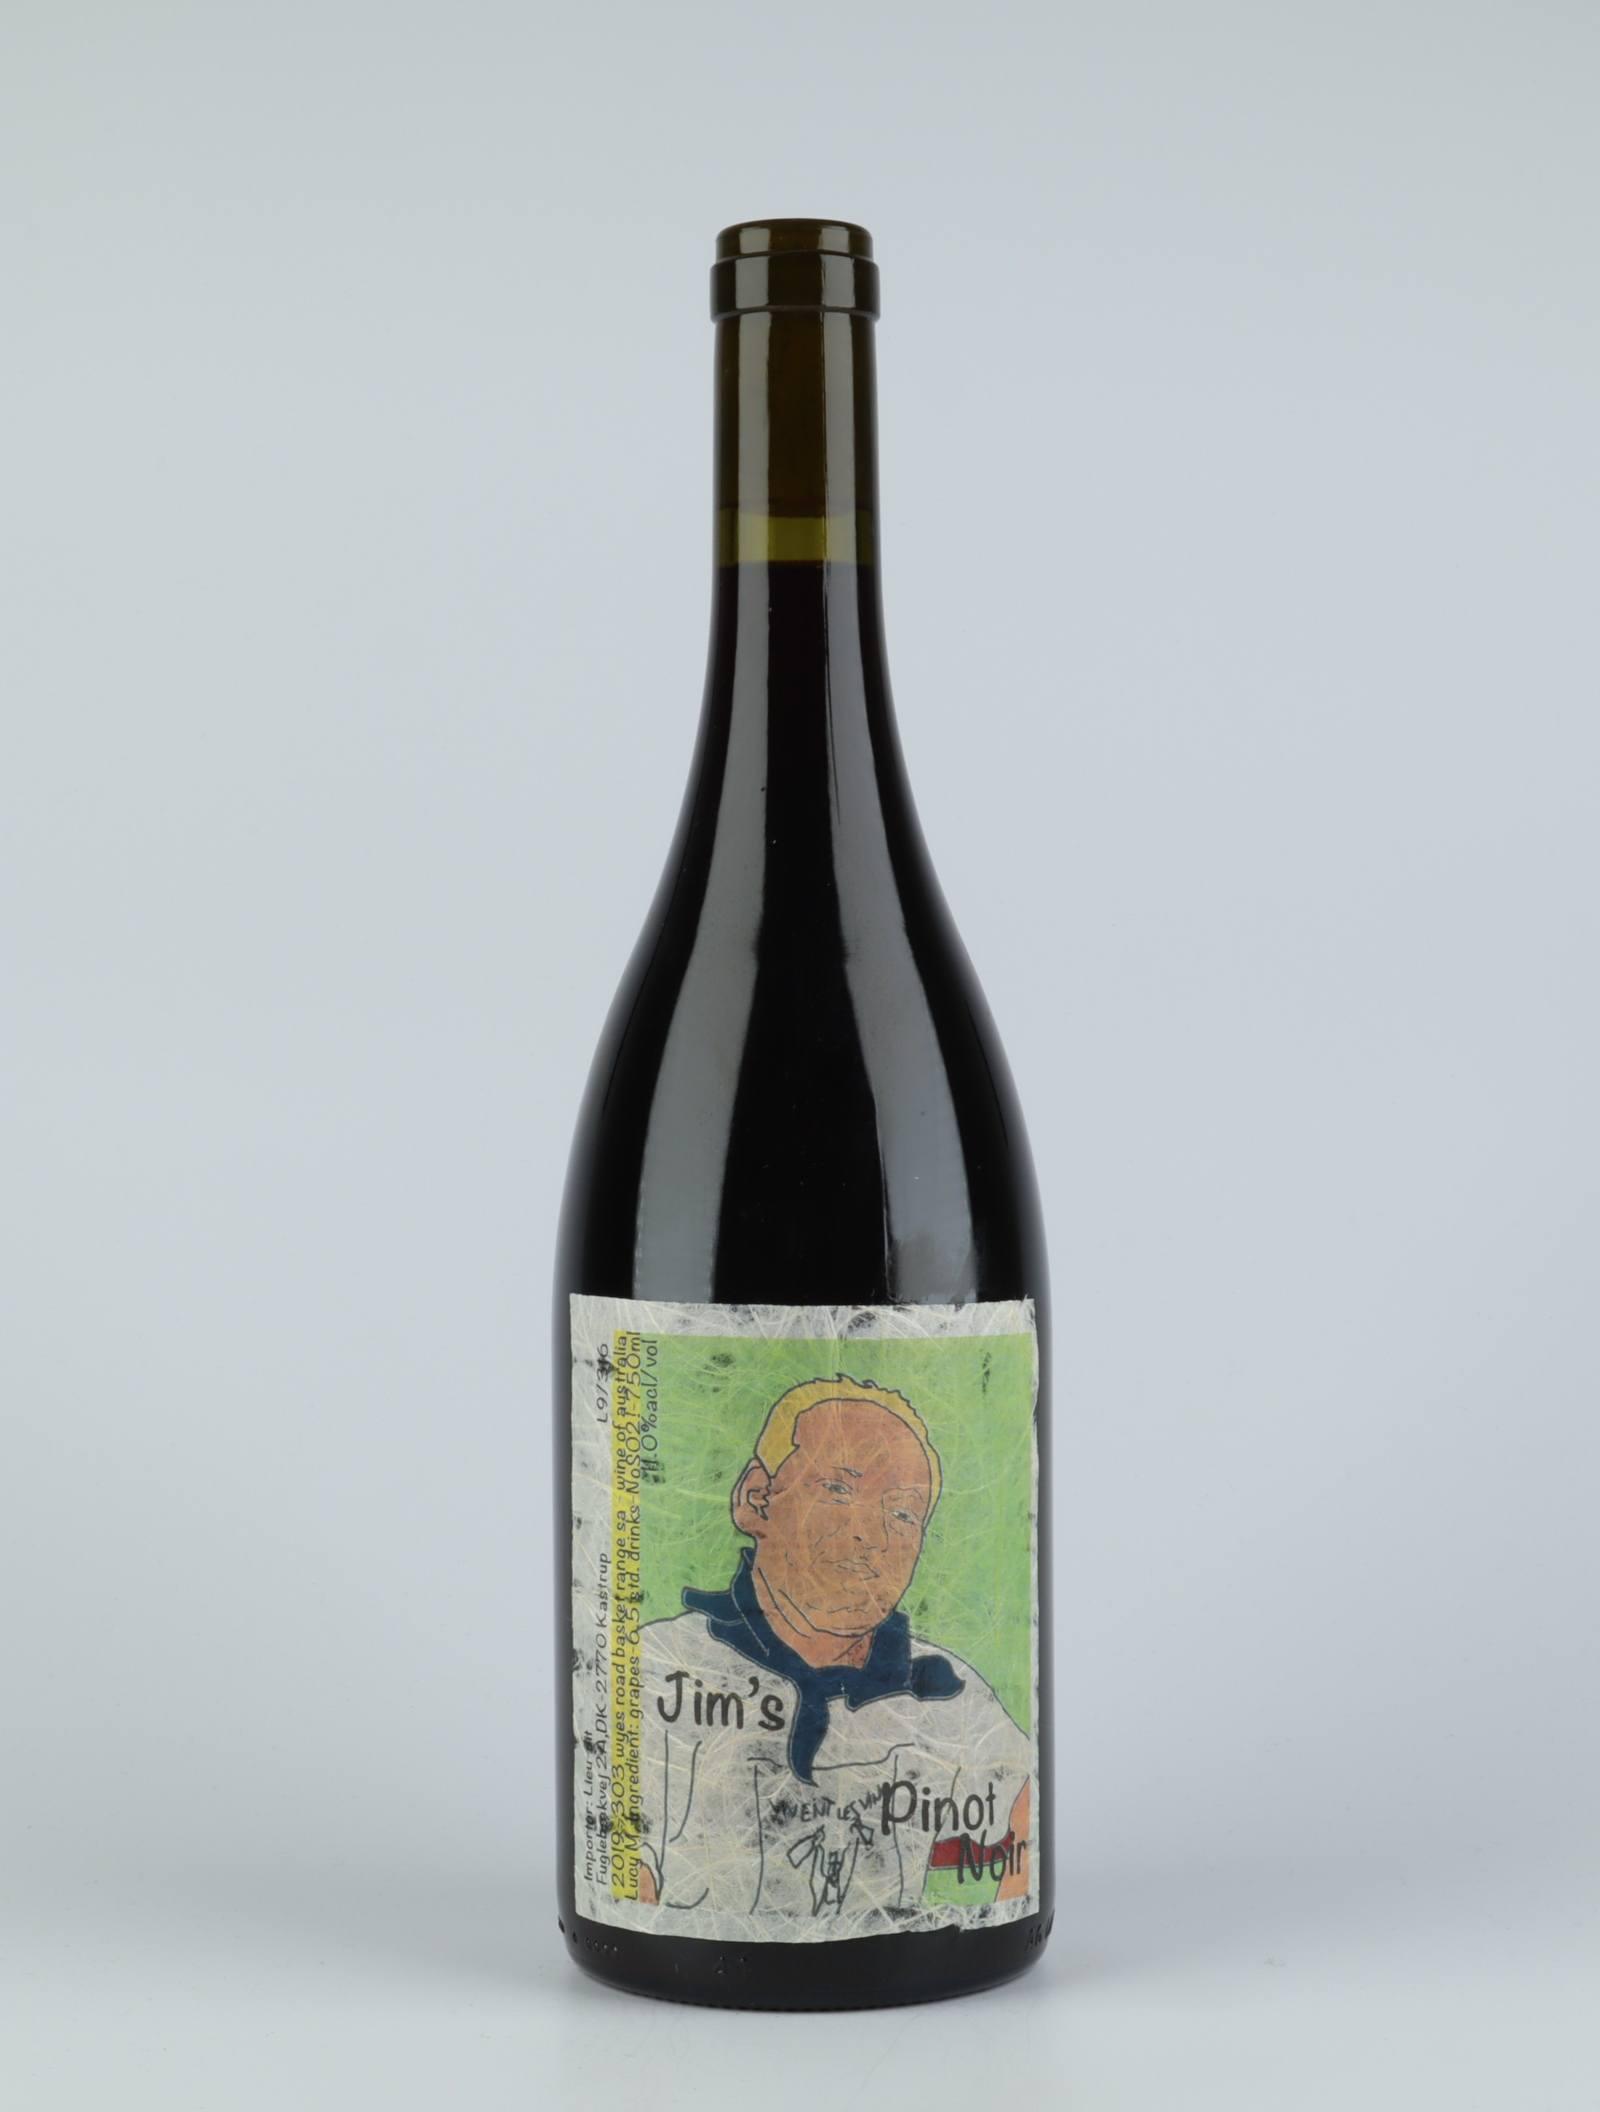 Jim's Pinot noir